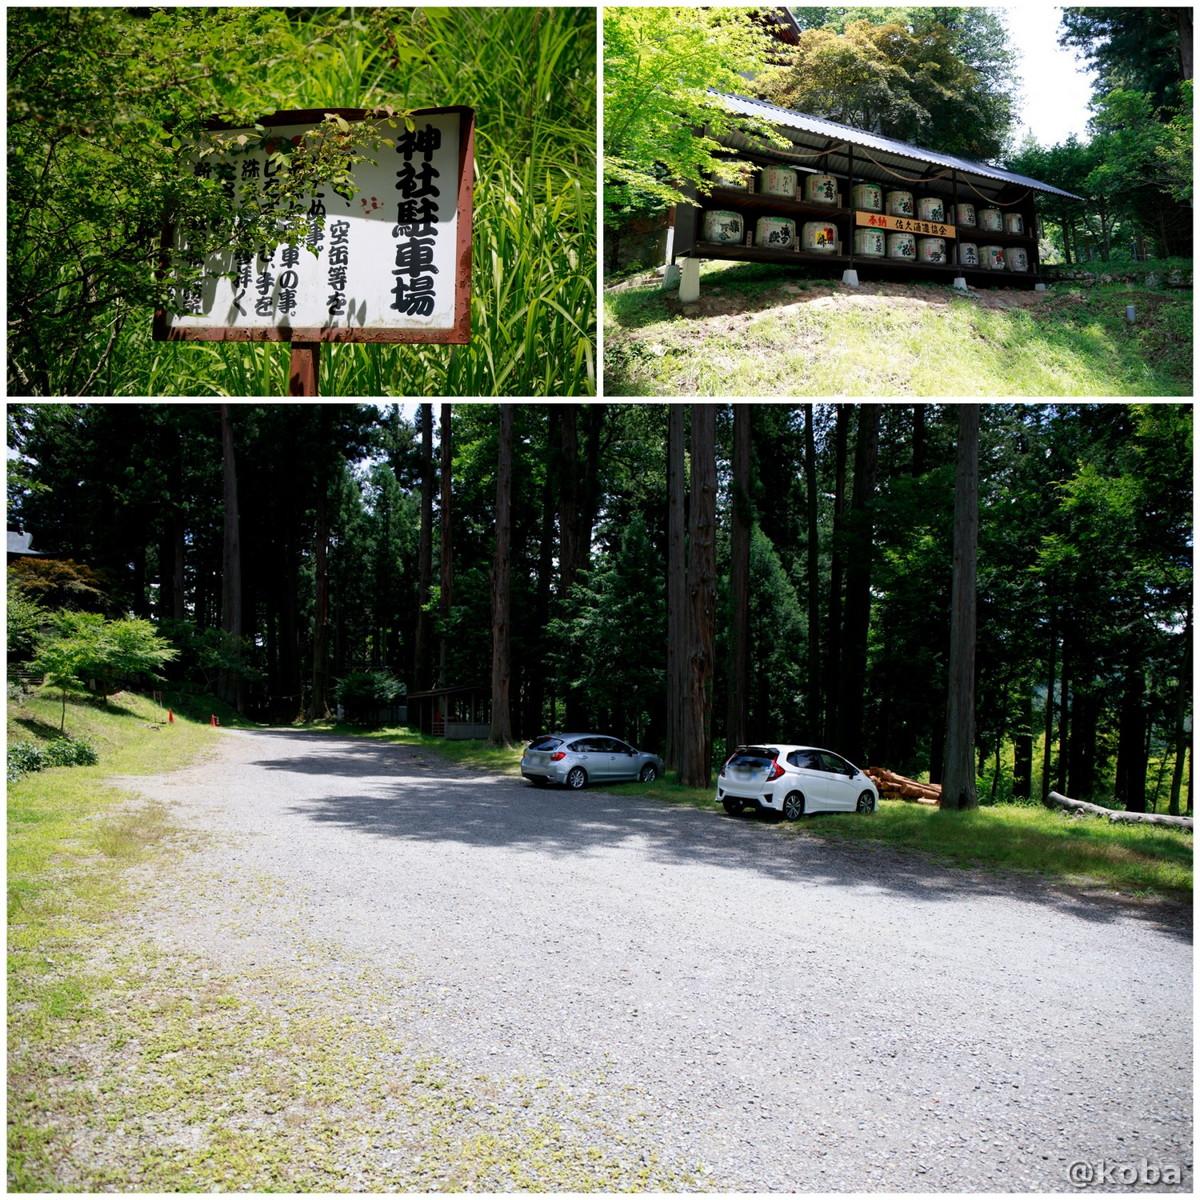 駐車場 新海三社神社 長野県佐久市